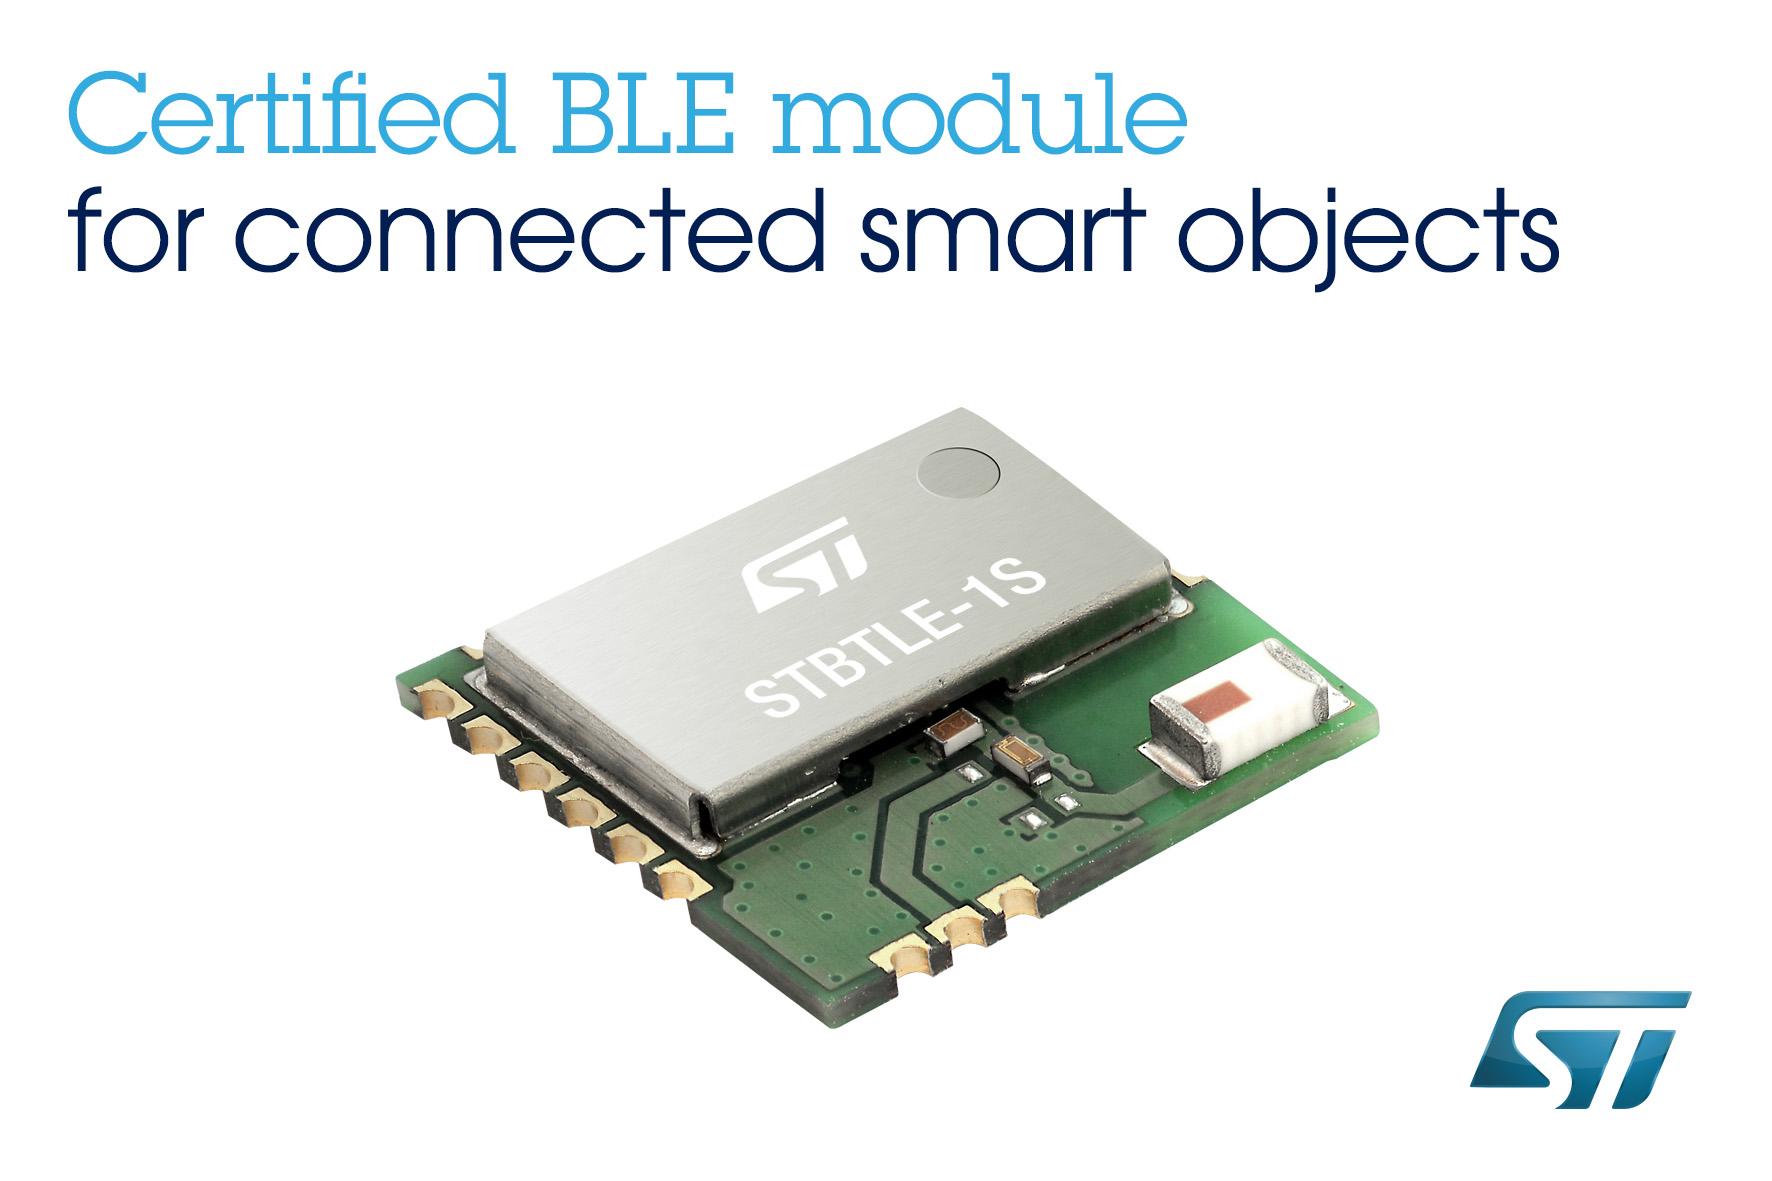 意法半导体Bluetooth® Low Energy应用处理器模块通过标准组织认证,加快智能物联网硬件上市